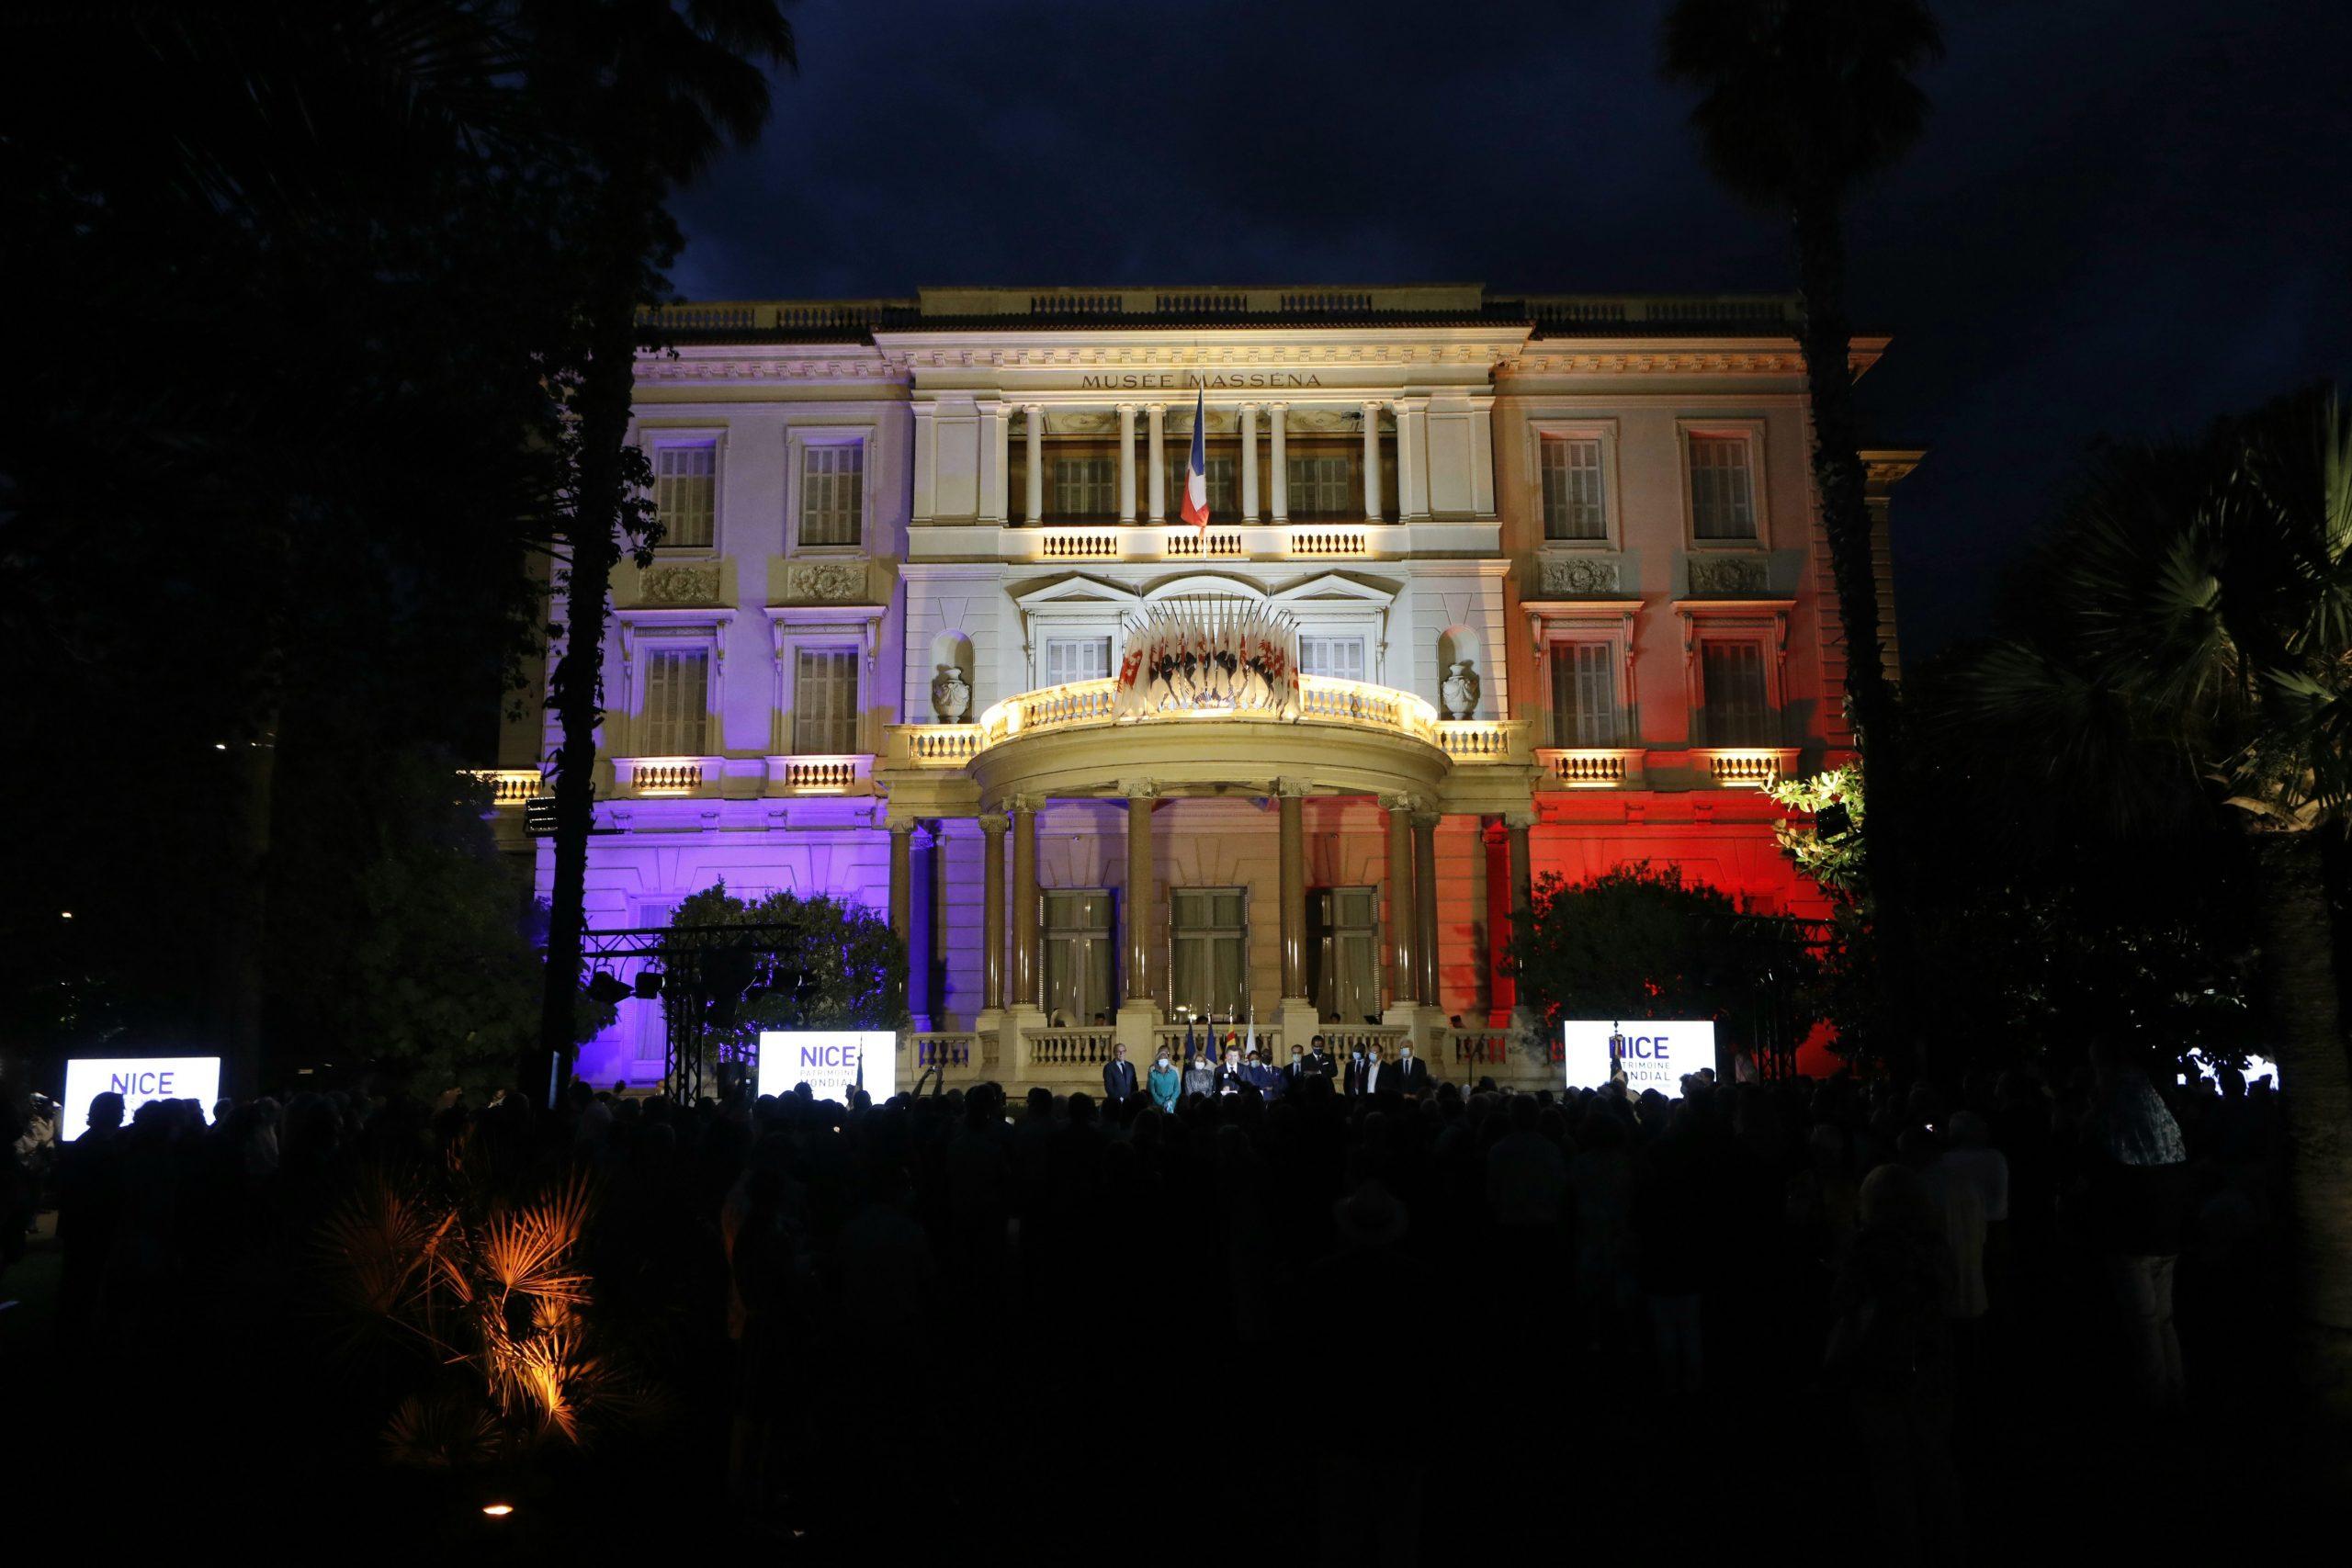 Célébration De L'inscription De Nice Au Patrimoine Mondial Par L'UNESCO